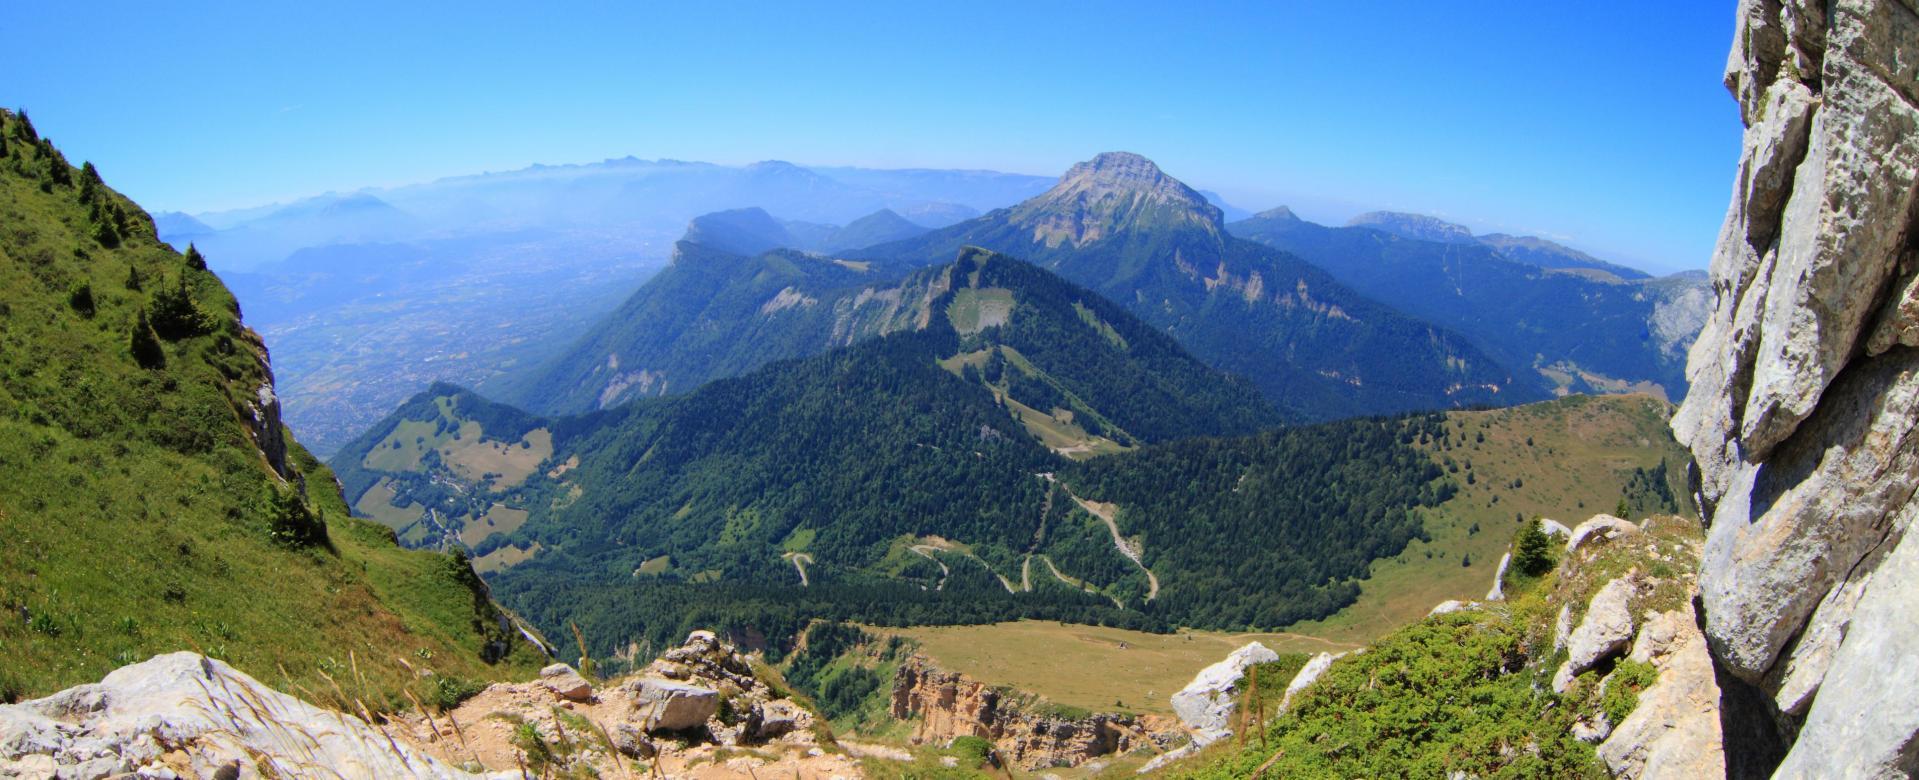 Voyage à pied : Alpes du Nord : Tour de la chartreuse